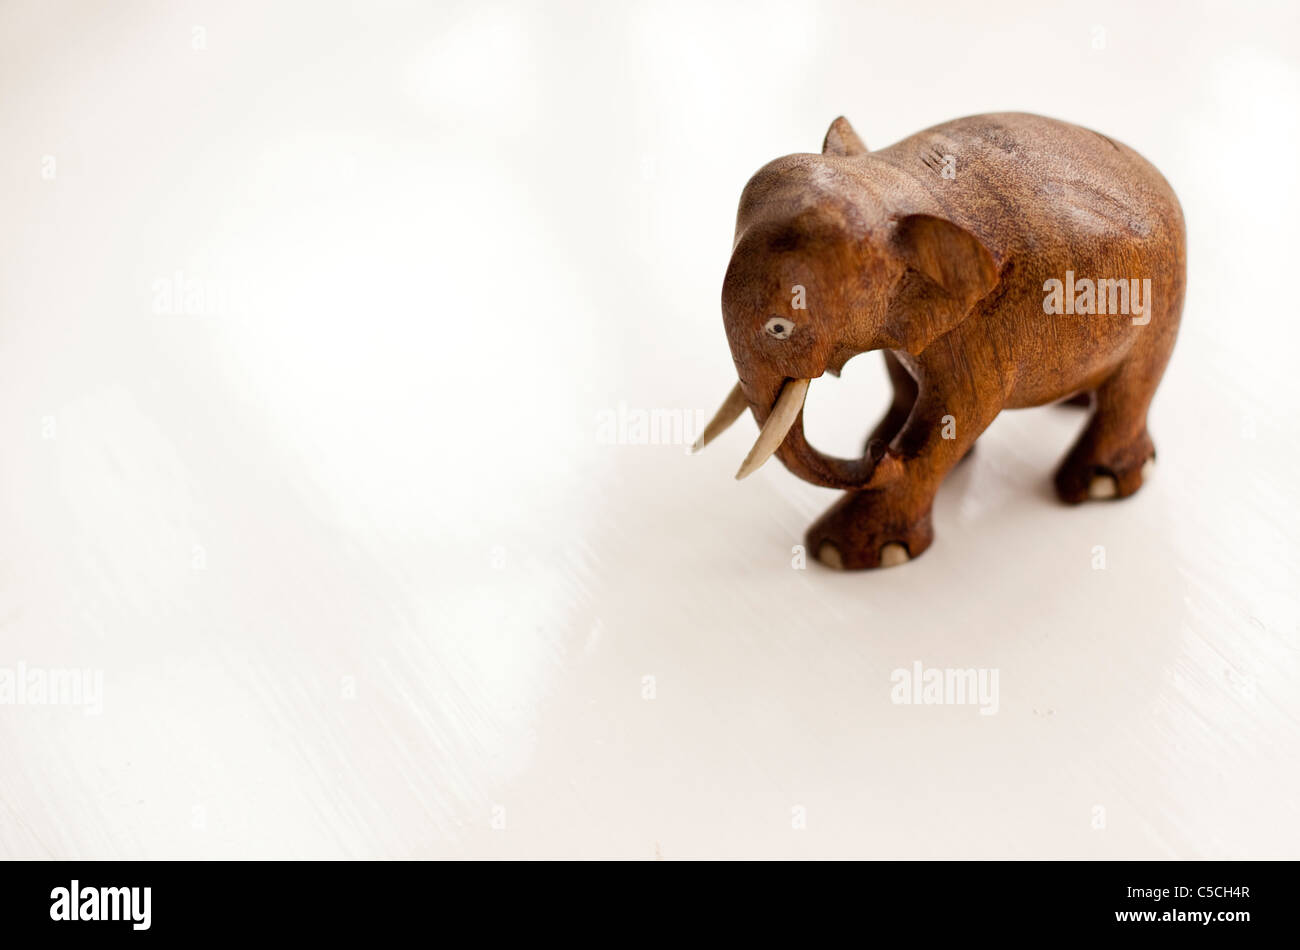 Wooden elephant decoration Stock Photo